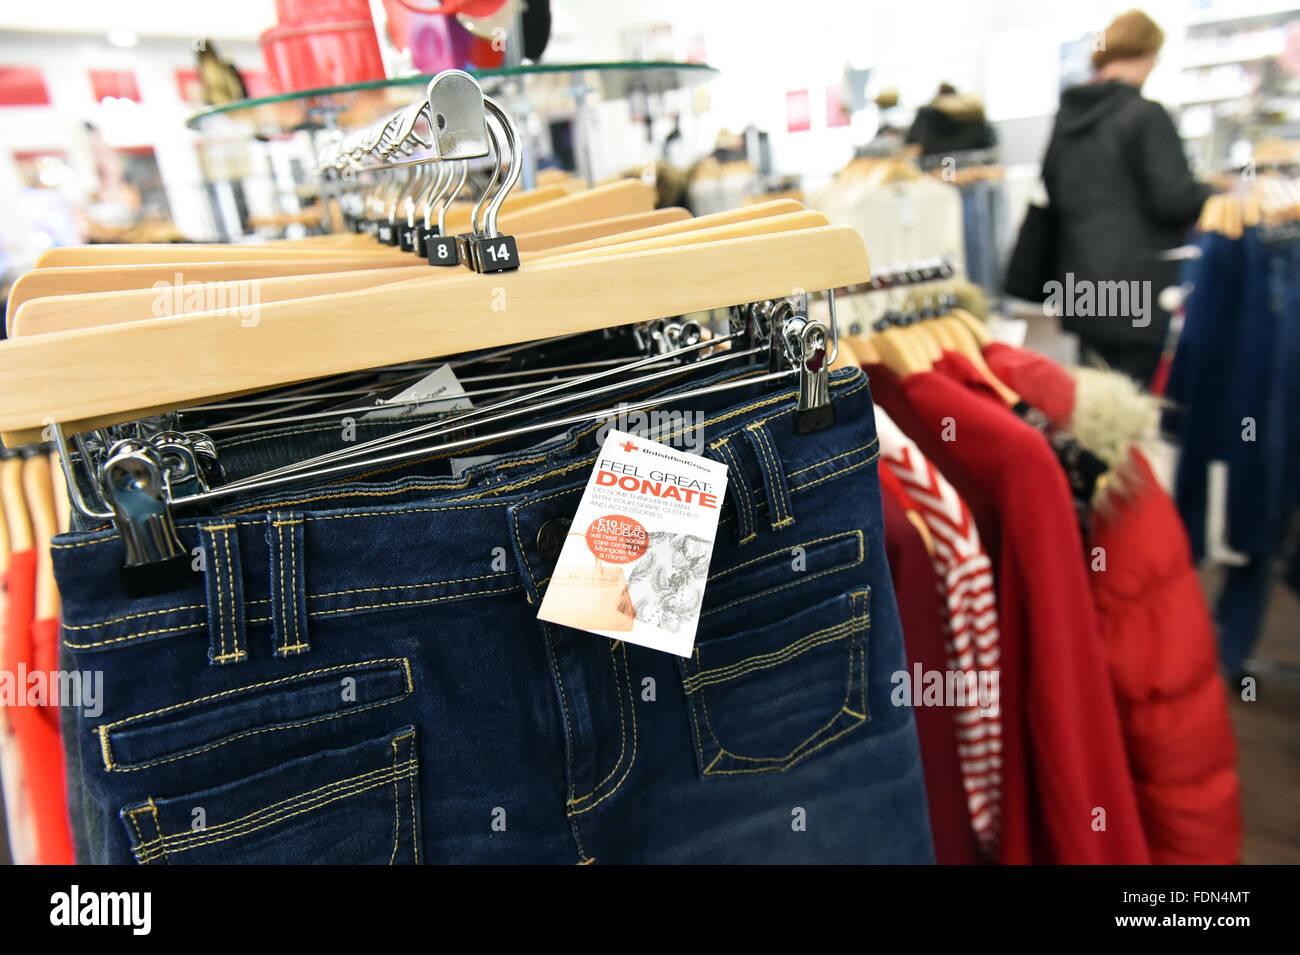 Kleidung in einem Charity Shop UK angezeigt Kleiderbügel hängen. Stockbild